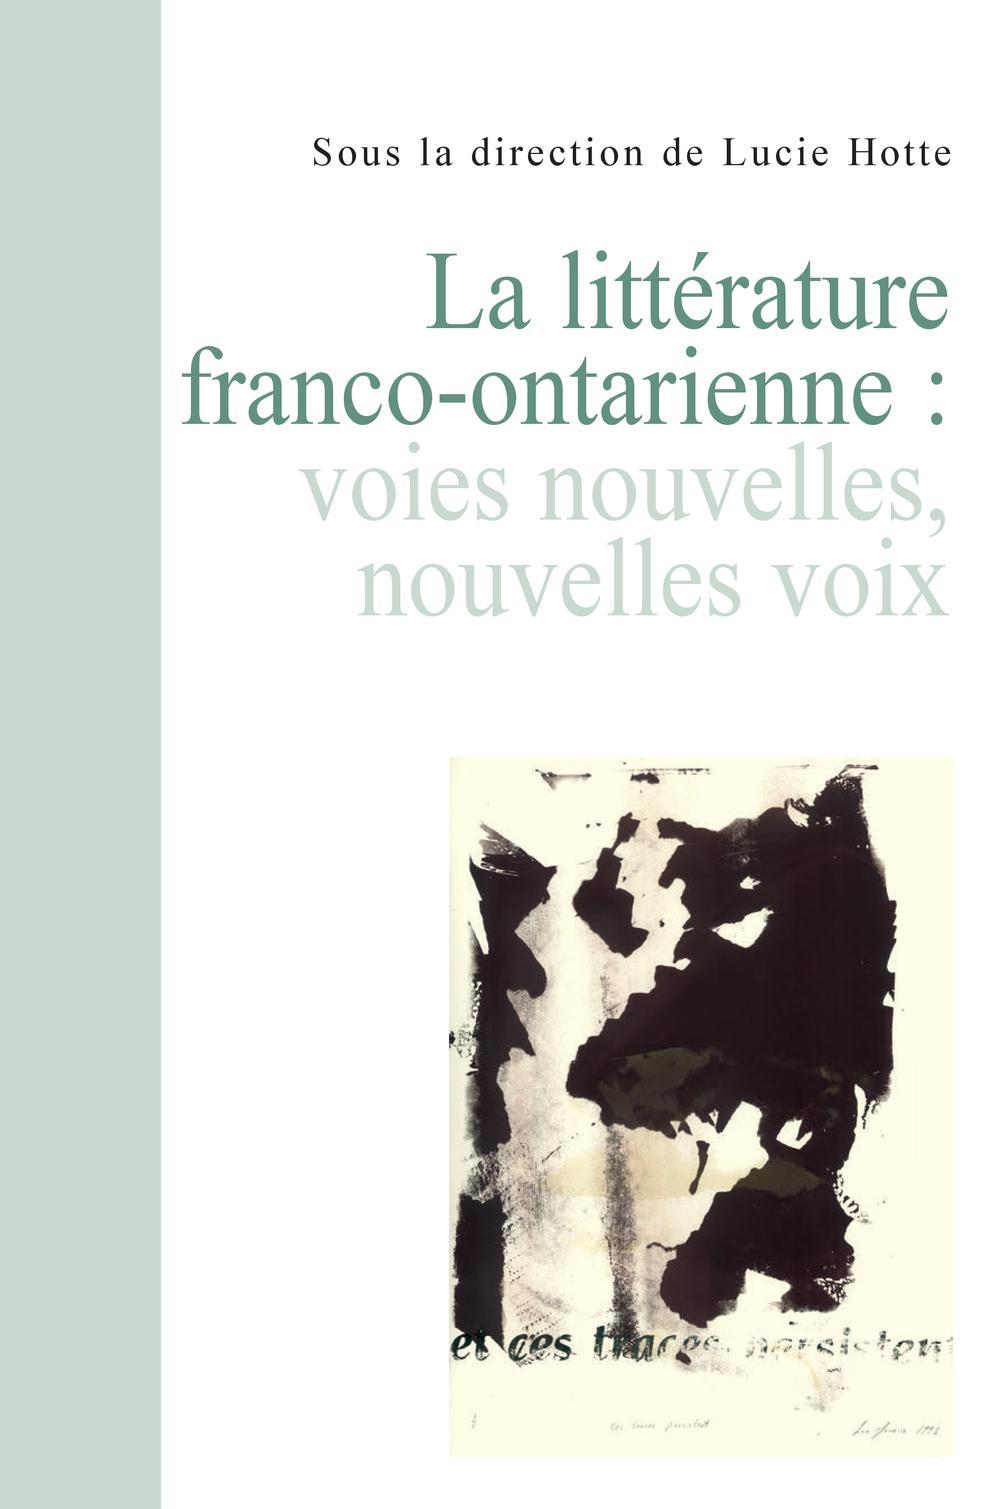 La Littérature franco-ontarienne. Voies nouvelles, nouvelles voix